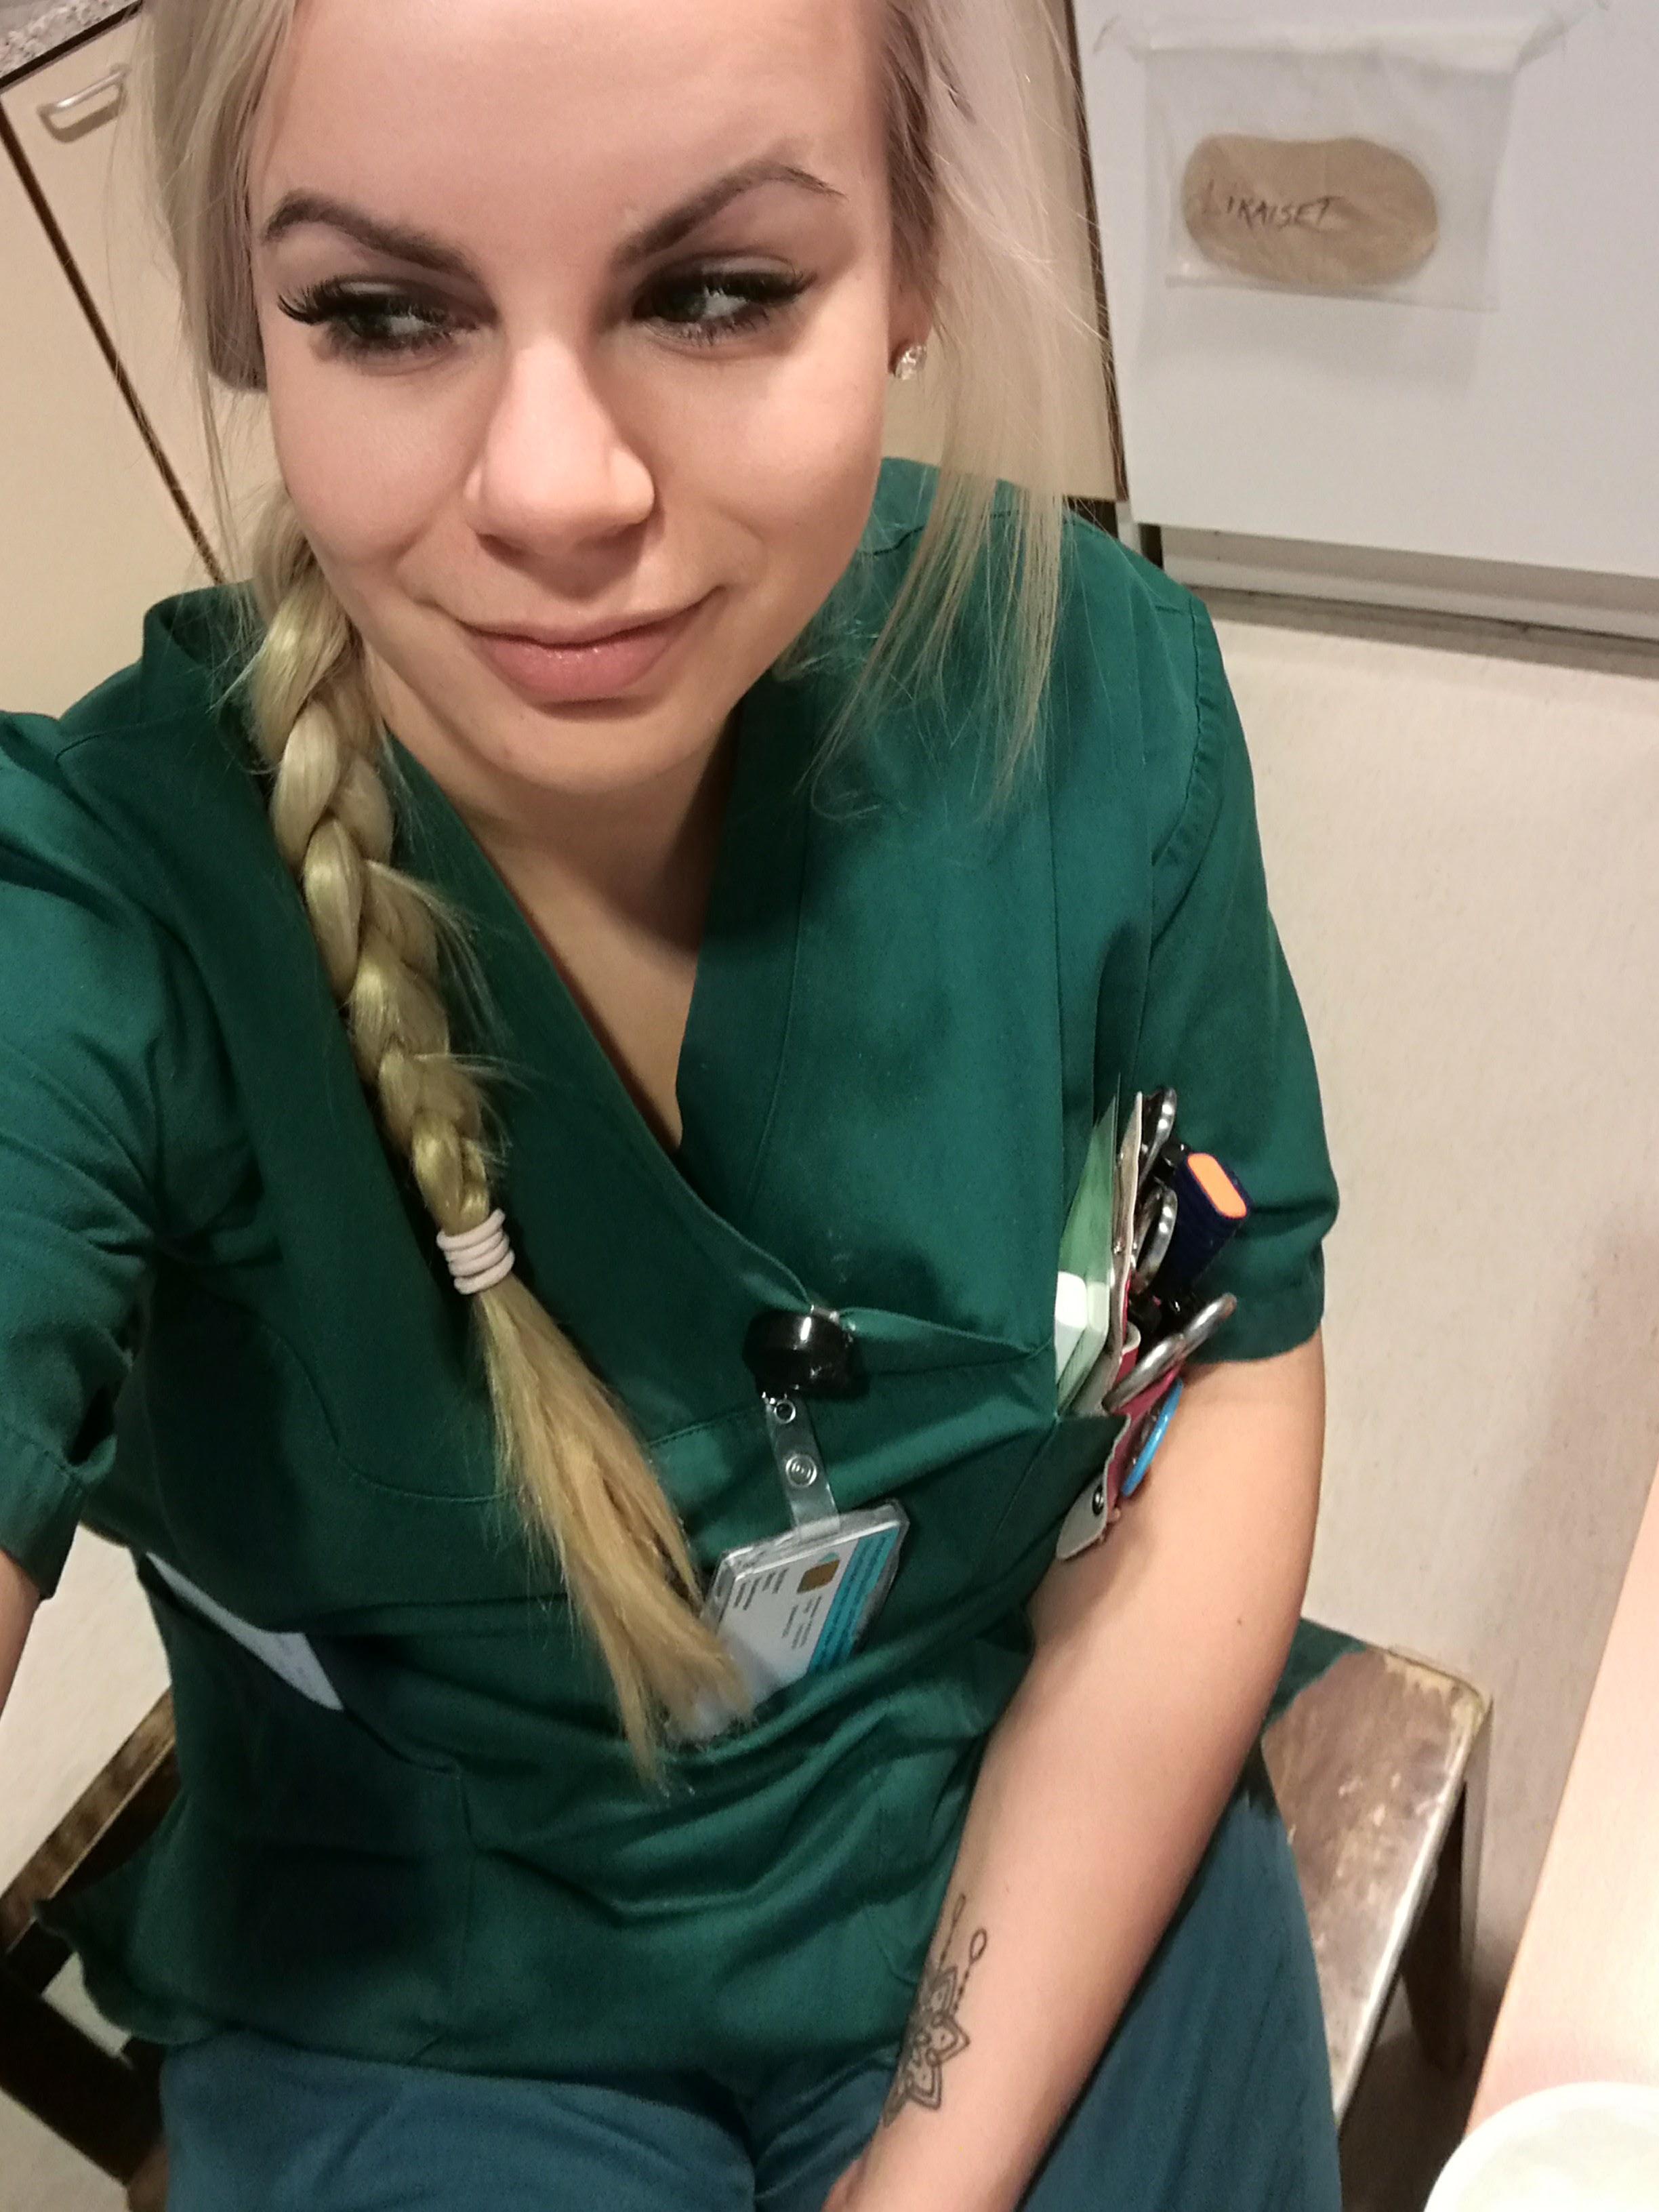 Arvostaako sairaanhoitaja toista sairaanhoitajaa?